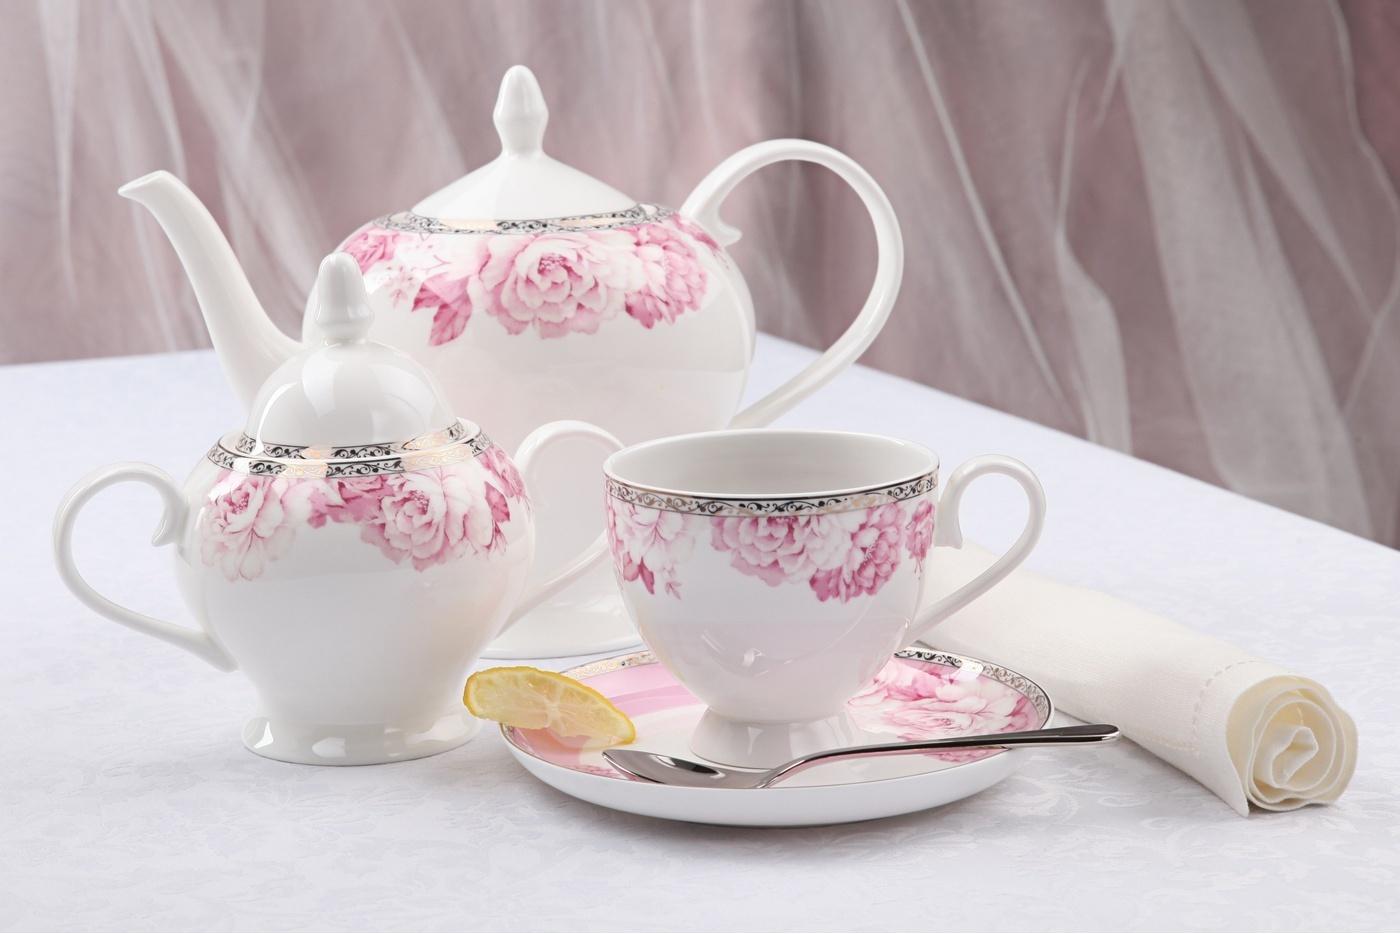 Чайный сервиз Royal Aurel Пион арт.128, 15 предметовЧайные сервизы<br>Чайный сервиз Royal Aurel Пион арт.128, 15 предметов<br><br><br><br><br><br><br><br><br><br><br>Чашка 270 мл,6 шт.<br>Блюдце 15 см,6 шт.<br>Чайник 1100 мл<br>Сахарница 370 мл<br><br><br><br><br><br><br><br><br>Молочник 300 мл<br><br><br><br><br><br><br><br><br>Производить посуду из фарфора начали в Китае на стыке 6-7 веков. Неустанно совершенствуя и селективно отбирая сырье для производства посуды из фарфора, мастерам удалось добиться выдающихся характеристик фарфора: белизны и тонкостенности. В XV веке появился особый интерес к китайской фарфоровой посуде, так как в это время Европе возникла мода на самобытные китайские вещи. Роскошный китайский фарфор являлся изыском и был в новинку, поэтому он выступал в качестве подарка королям, а также знатным людям. Такой дорогой подарок был очень престижен и по праву являлся элитной посудой. Как известно из многочисленных исторических документов, в Европе китайские изделия из фарфора ценились практически как золото. <br>Проверка изделий из костяного фарфора на подлинность <br>По сравнению с производством других видов фарфора процесс производства изделий из настоящего костяного фарфора сложен и весьма длителен. Посуда из изящного фарфора - это элитная посуда, которая всегда ассоциируется с богатством, величием и благородством. Несмотря на небольшую толщину, фарфоровая посуда - это очень прочное изделие. Для демонстрации плотности и прочности фарфора можно легко коснуться предметов посуды из фарфора деревянной палочкой, и тогда мы услушим характерный металлический звон. В составе фарфоровой посуды присутствует костяная зола, благодаря чему она может быть намного тоньше (не более 2,5 мм) и легче твердого или мягкого фарфора. Безупречная белизна - ключевой признак отличия такого фарфора от других. Цвет обычного фарфора сероватый или ближе к голубоватому, а костяной фарфор будет всегда будет молочно-белого цвета. Характерная и немаловажная деталь - это невесомая